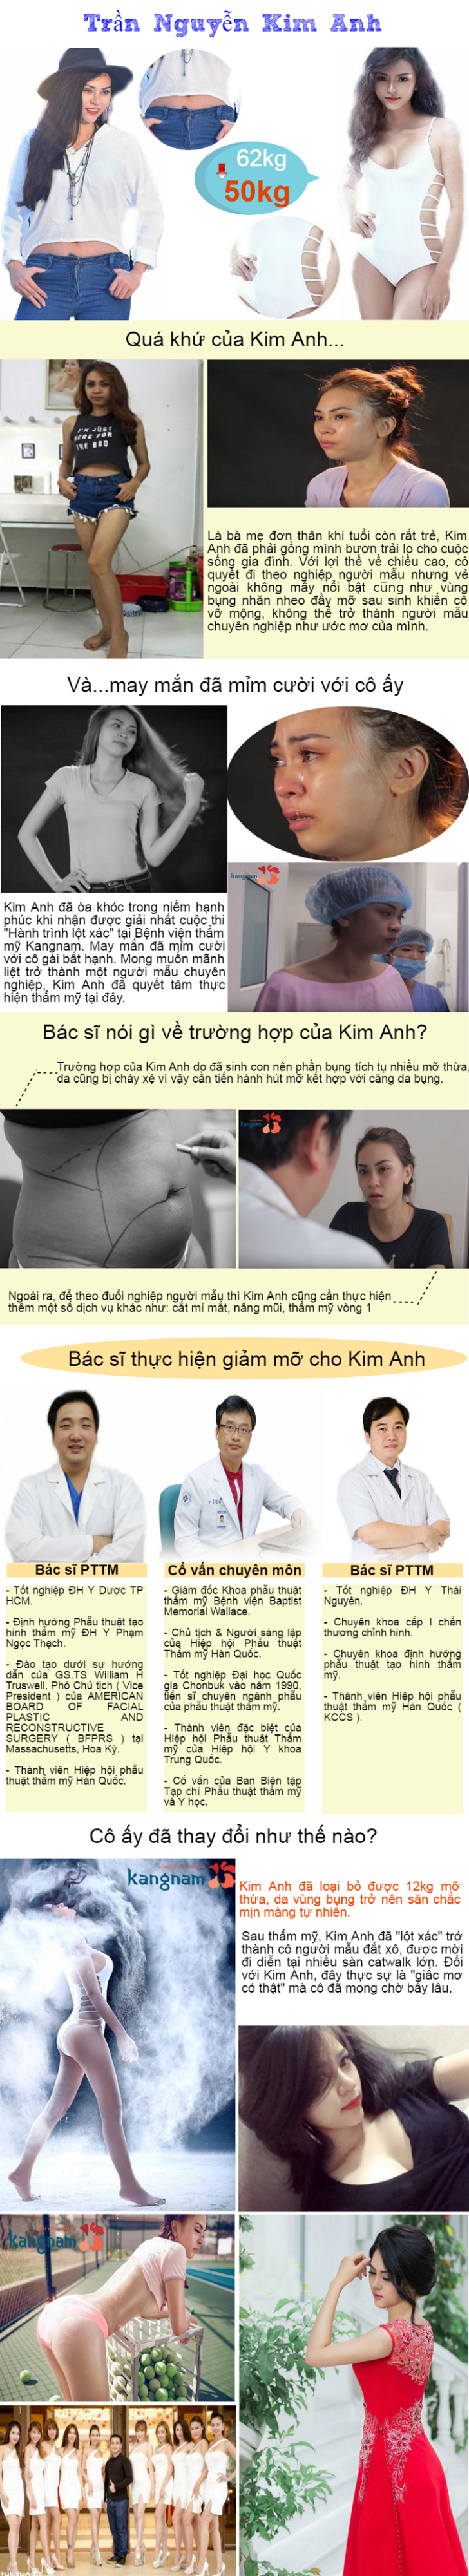 kim-anh-2